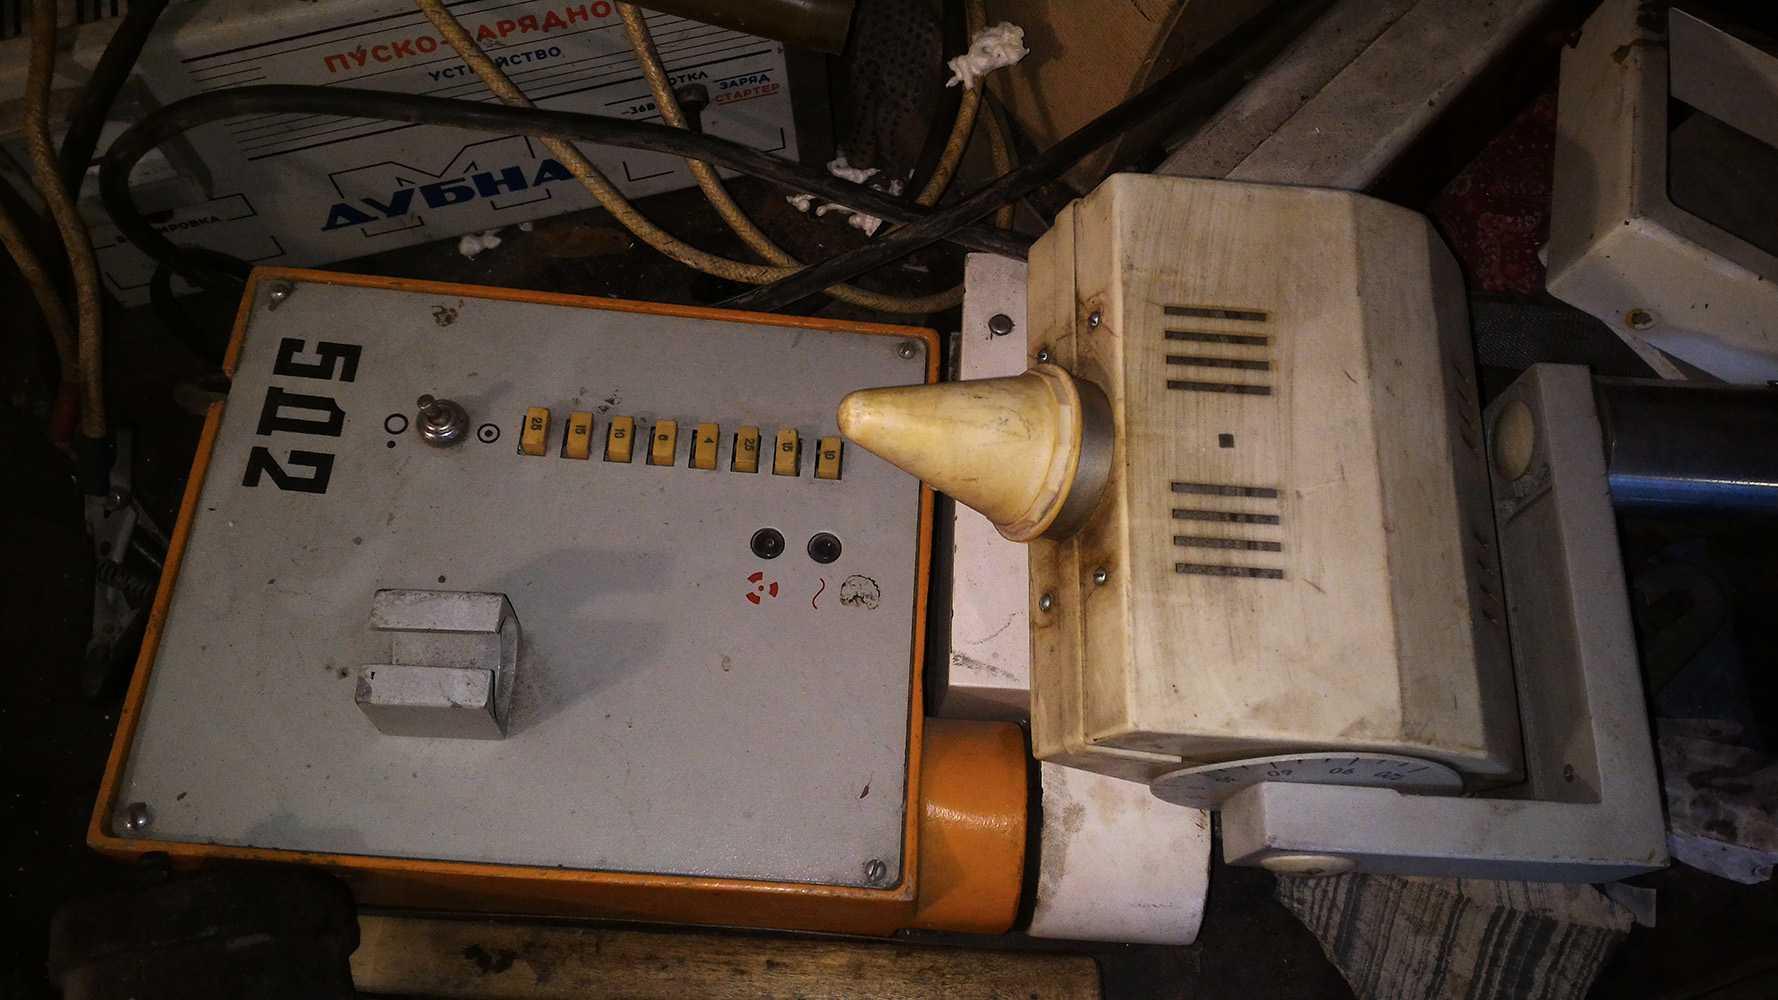 рентген аппарат на утилизацию